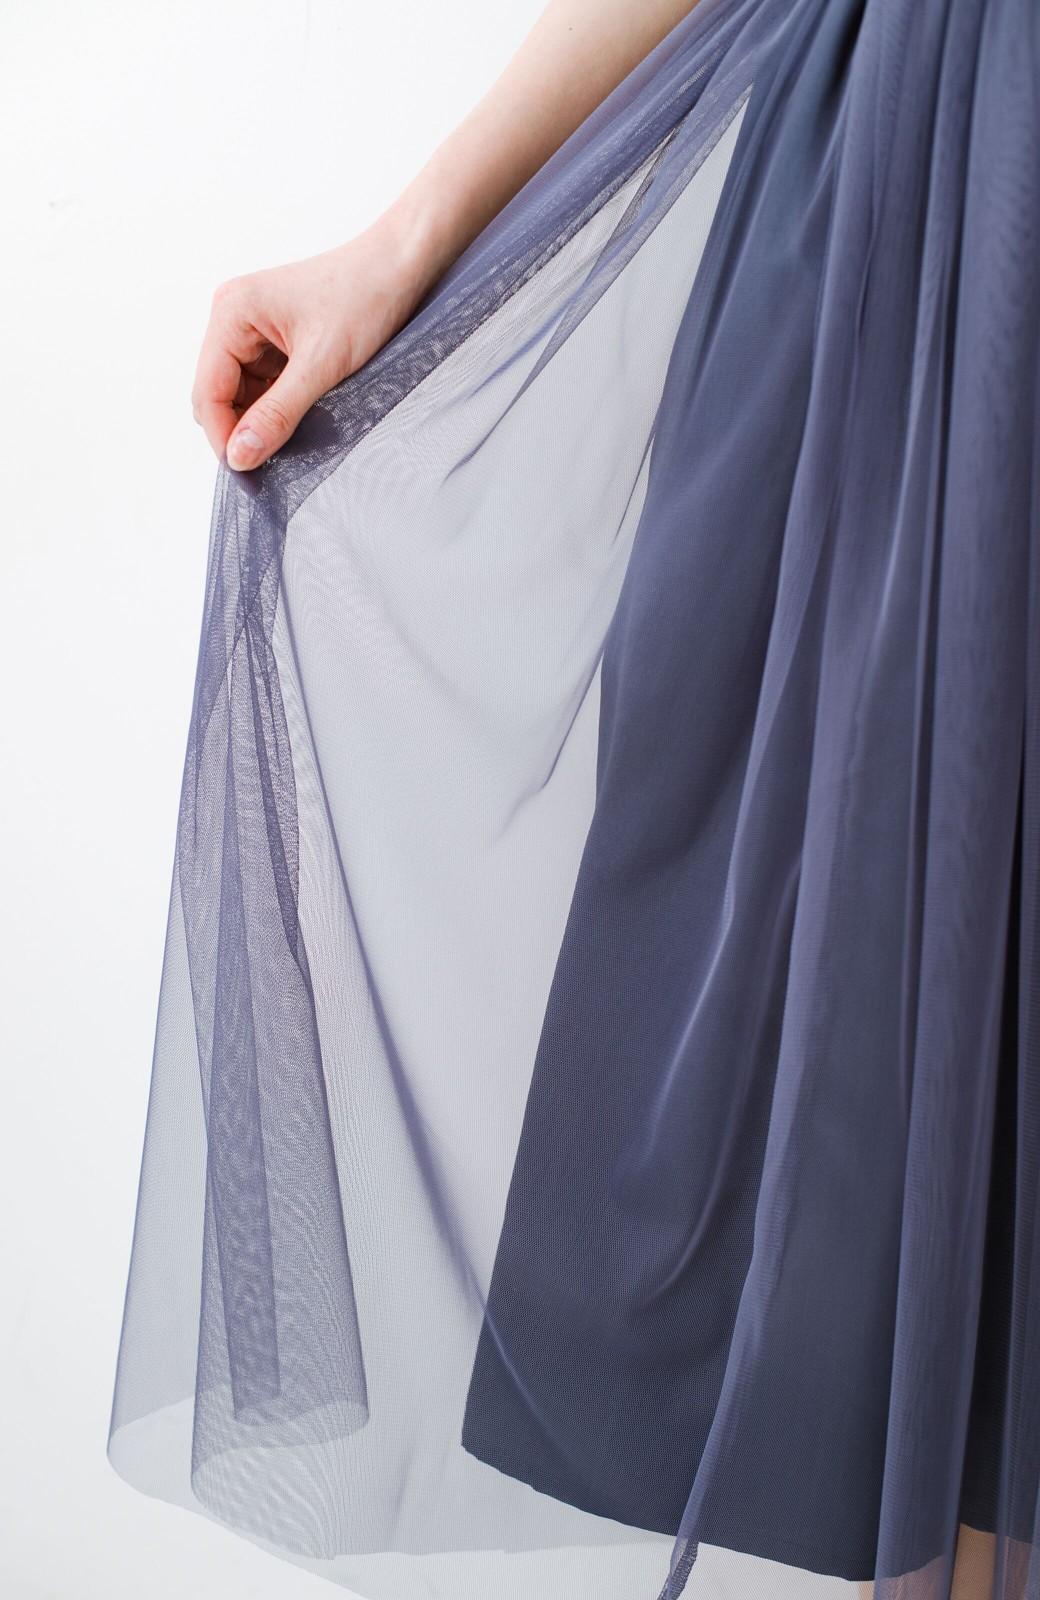 haco! 着るだけでルンとした気分になる! 長ーーい季節着られてずっと使えるオトナのためのチュールスカート <ネイビー>の商品写真10